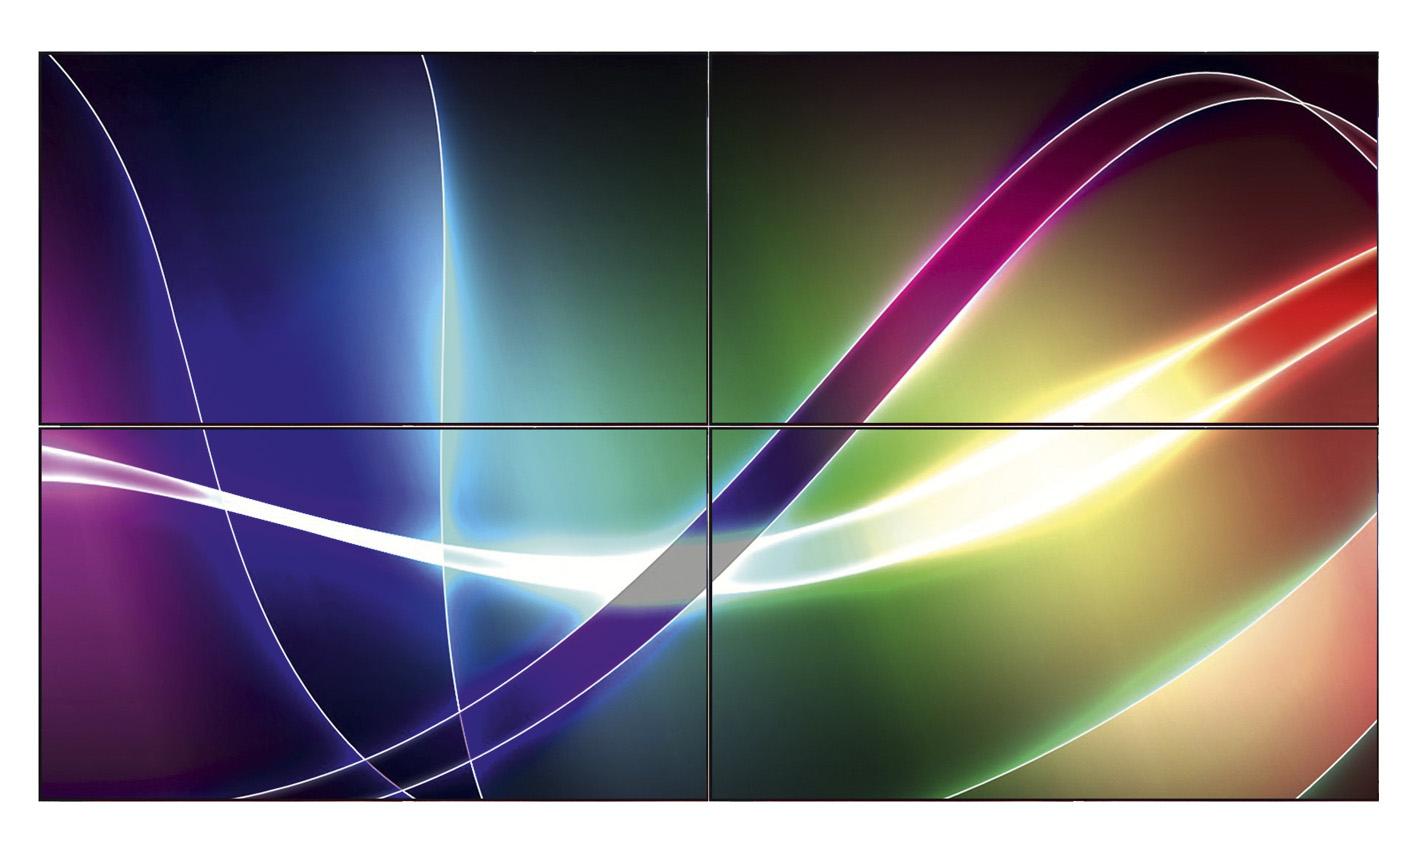 """55"""" ЖК-дисплей Full HD со сверхузкой фальшпанелью"""